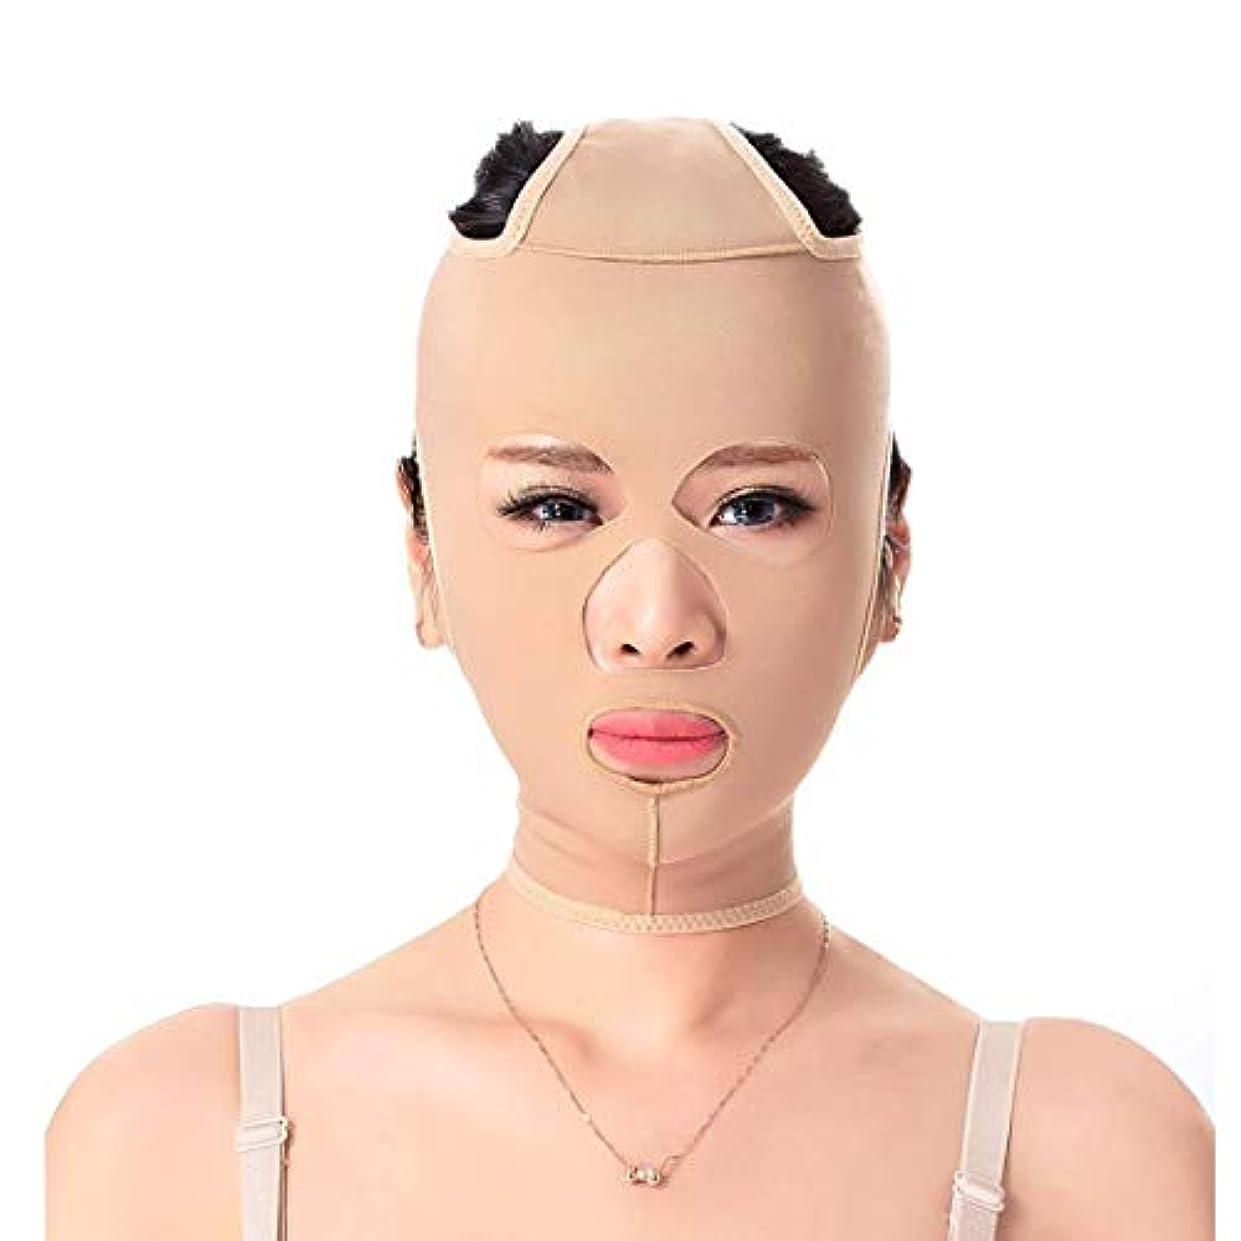 熟読する割れ目癒すスリミングベルト、フェイシャルマスク薄いフェイスマスク布布パターンリフティングダブルあご引き締めフェイシャルプラスチック顔アーティファクト強力な顔包帯(サイズ:S)